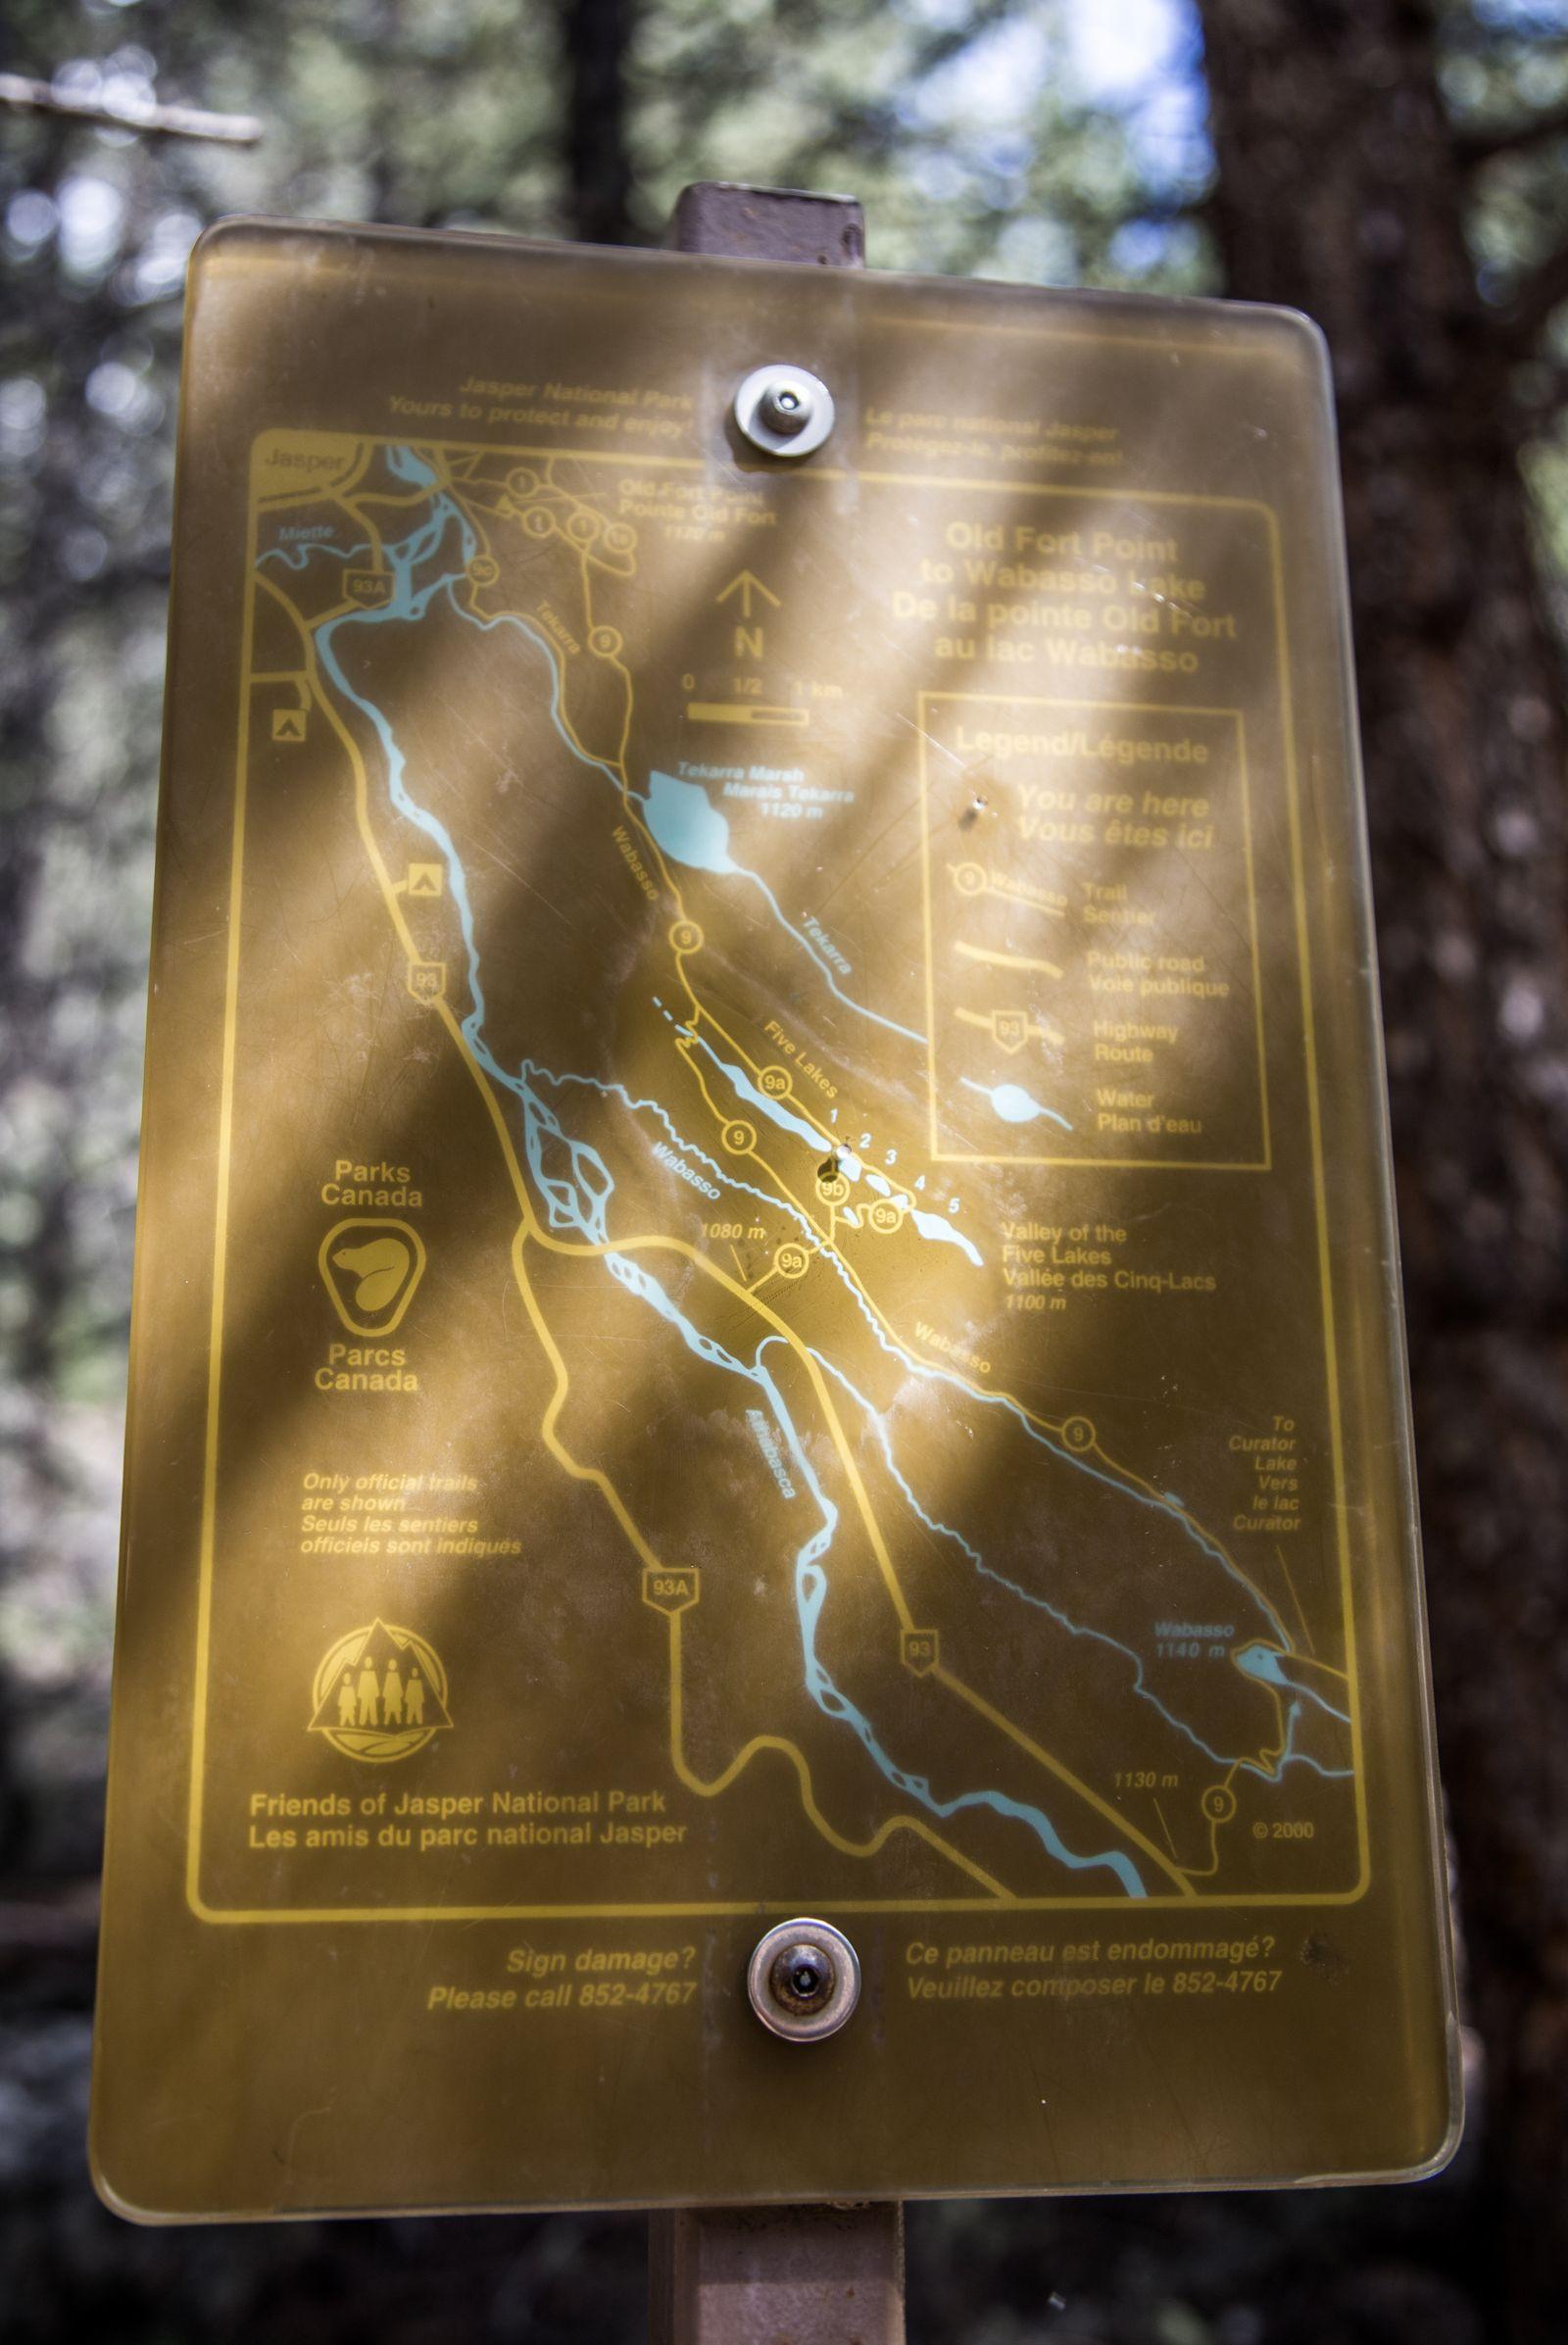 Indicaciones para recorrer los Five Lakes